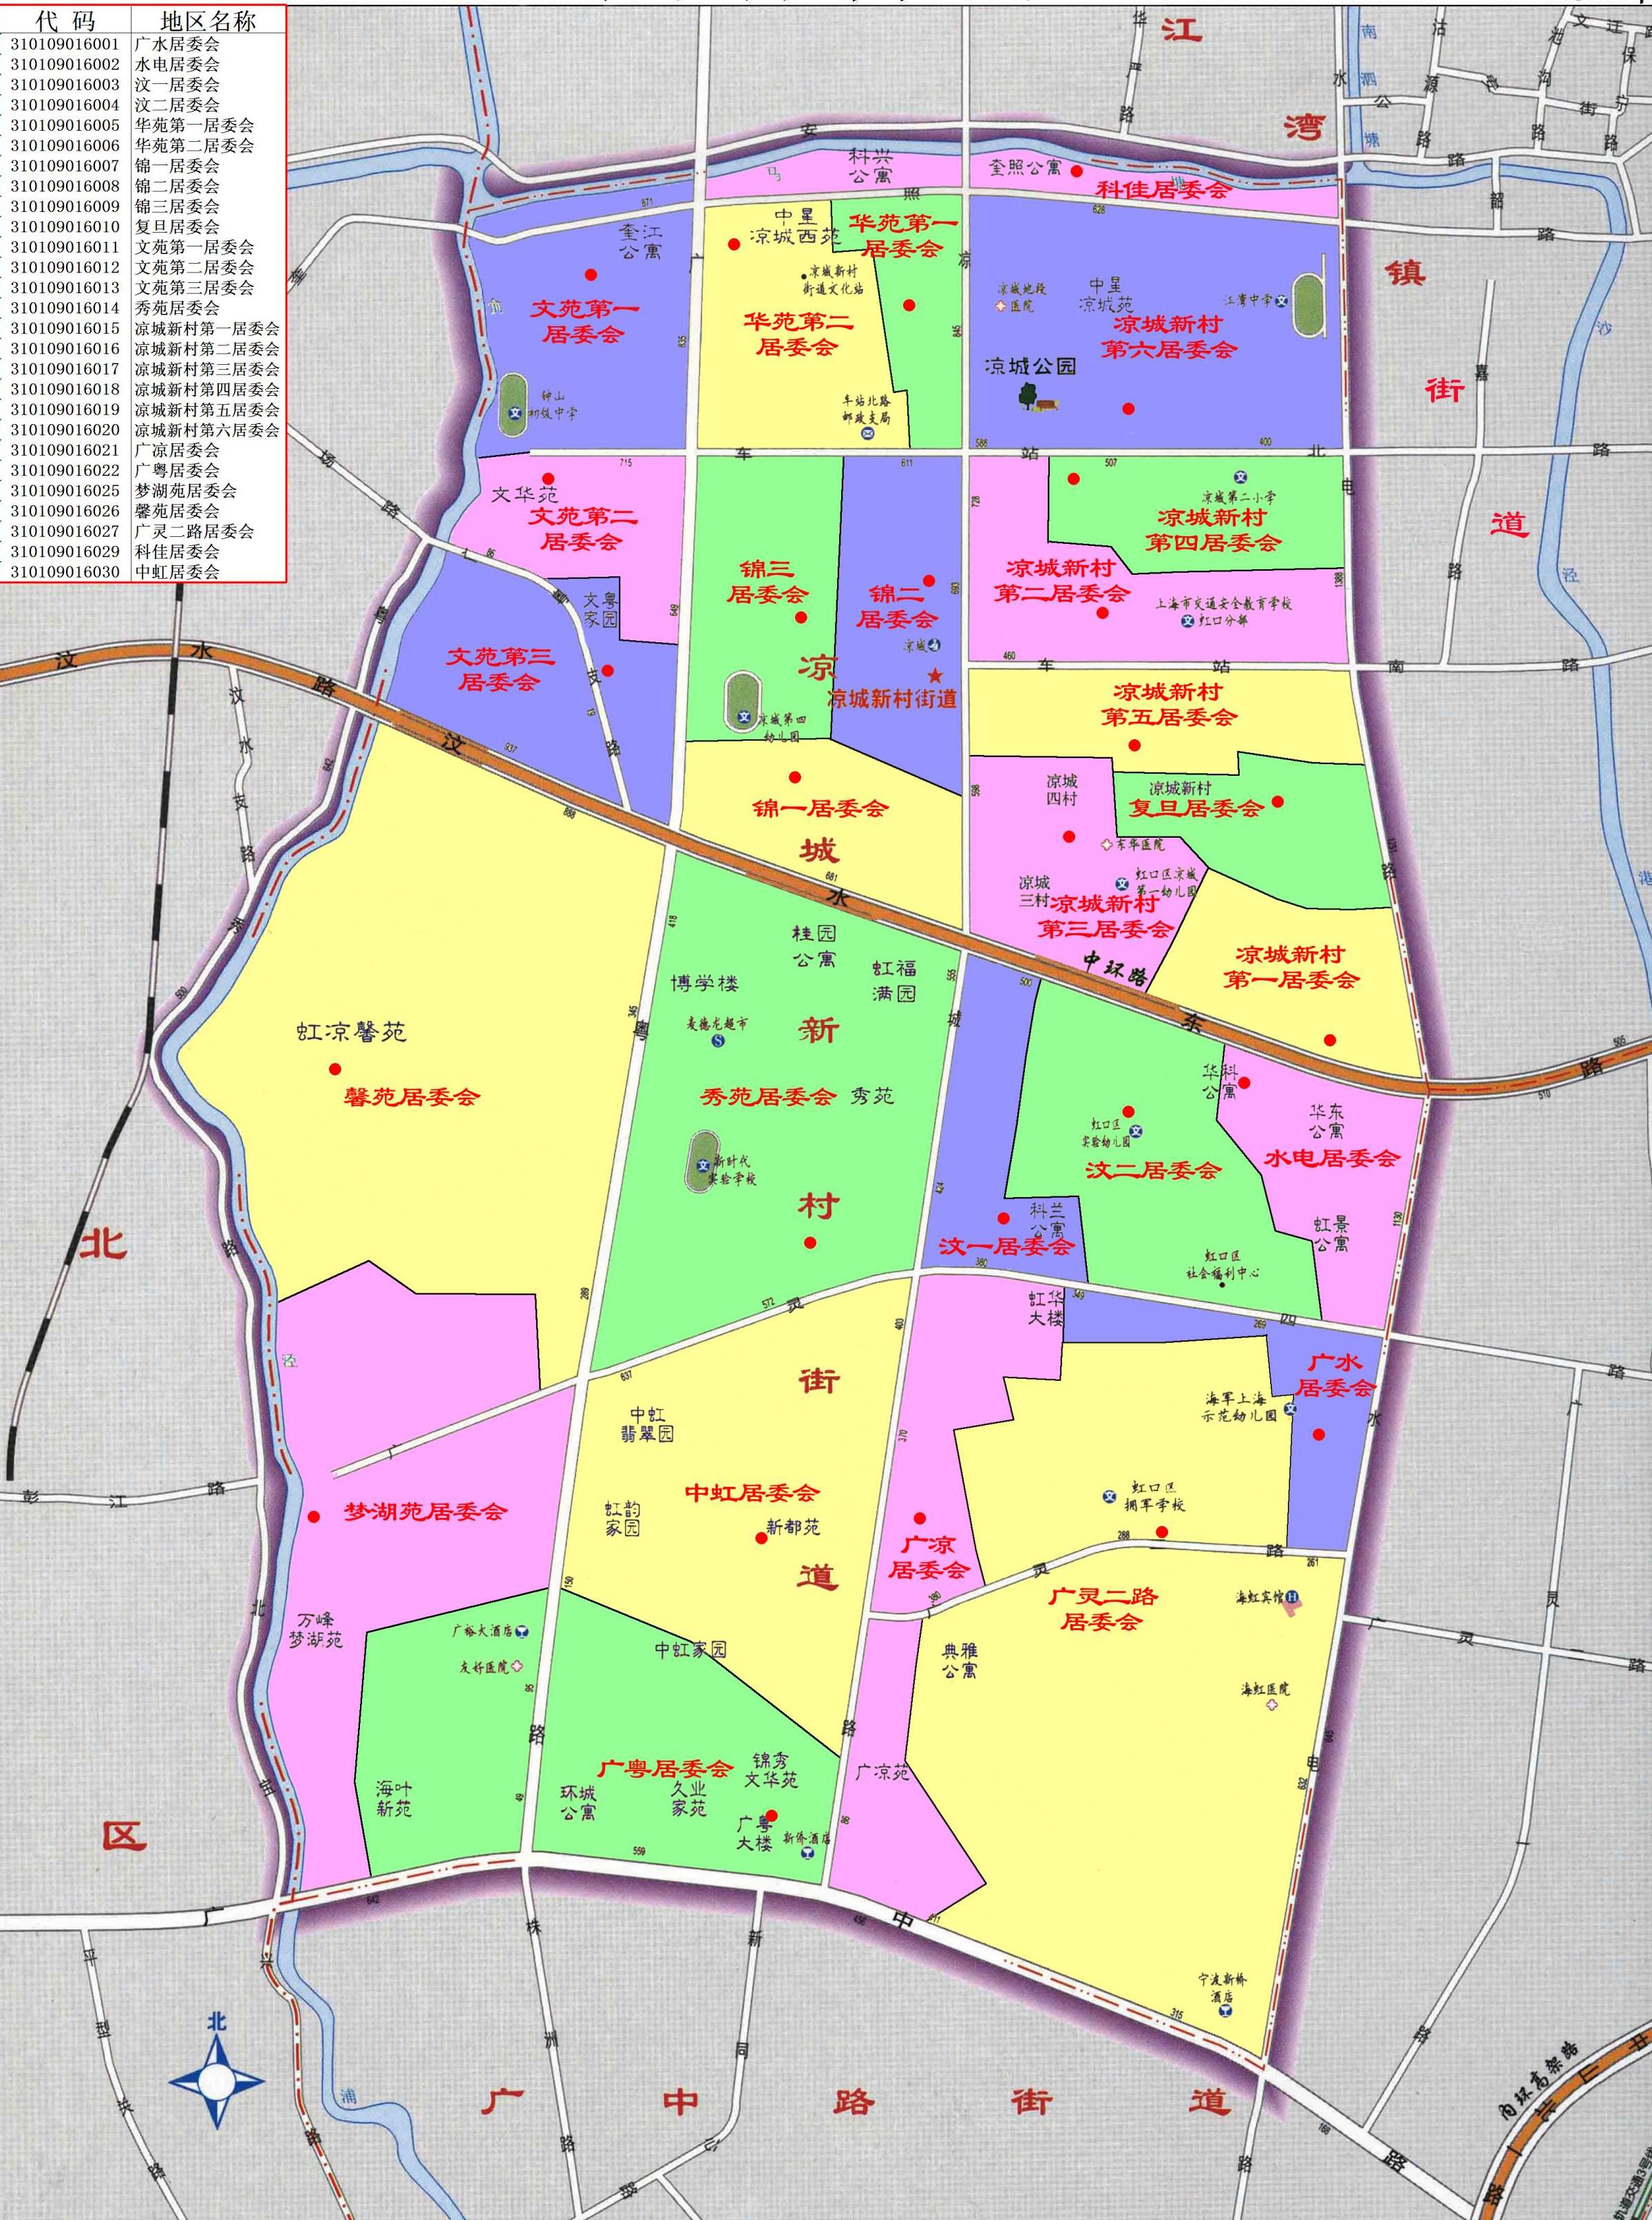 虹口区凉城新村街道地图图片